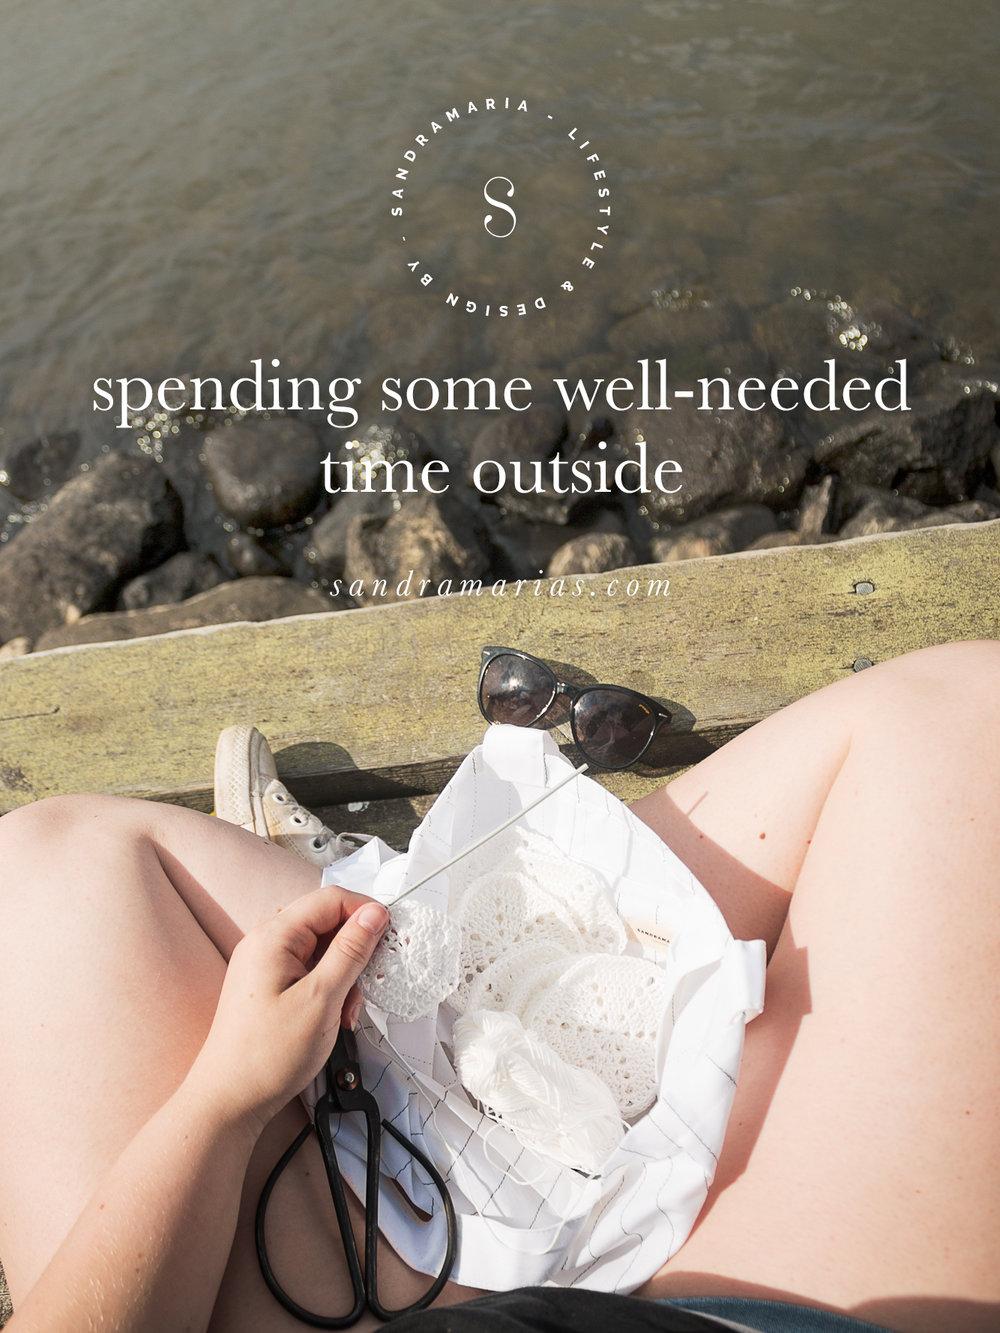 Spending time outside | Sandramarias.com